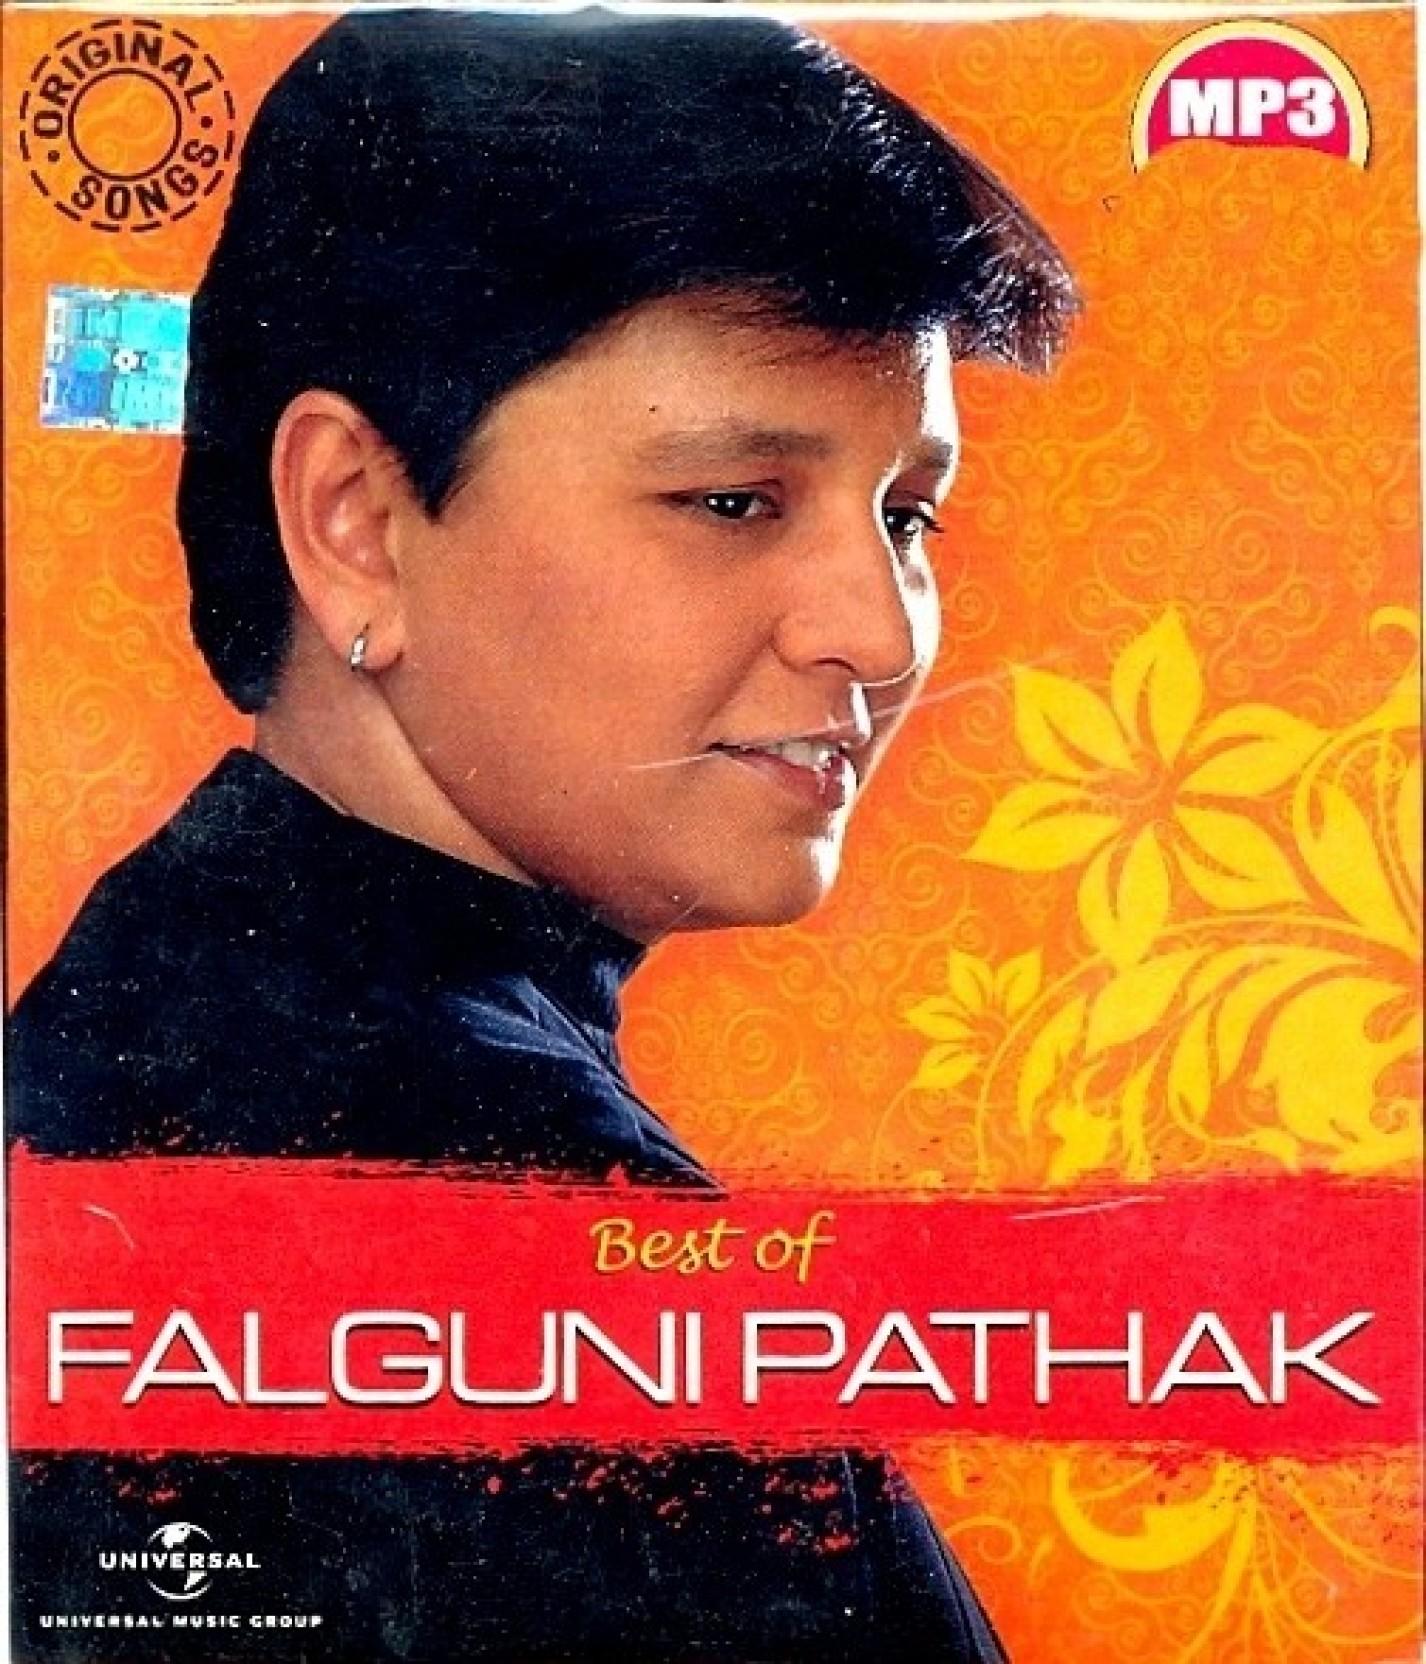 Pal Pal Yaad Teri Song Download: Best Of-Falguni Pathak Music MP3